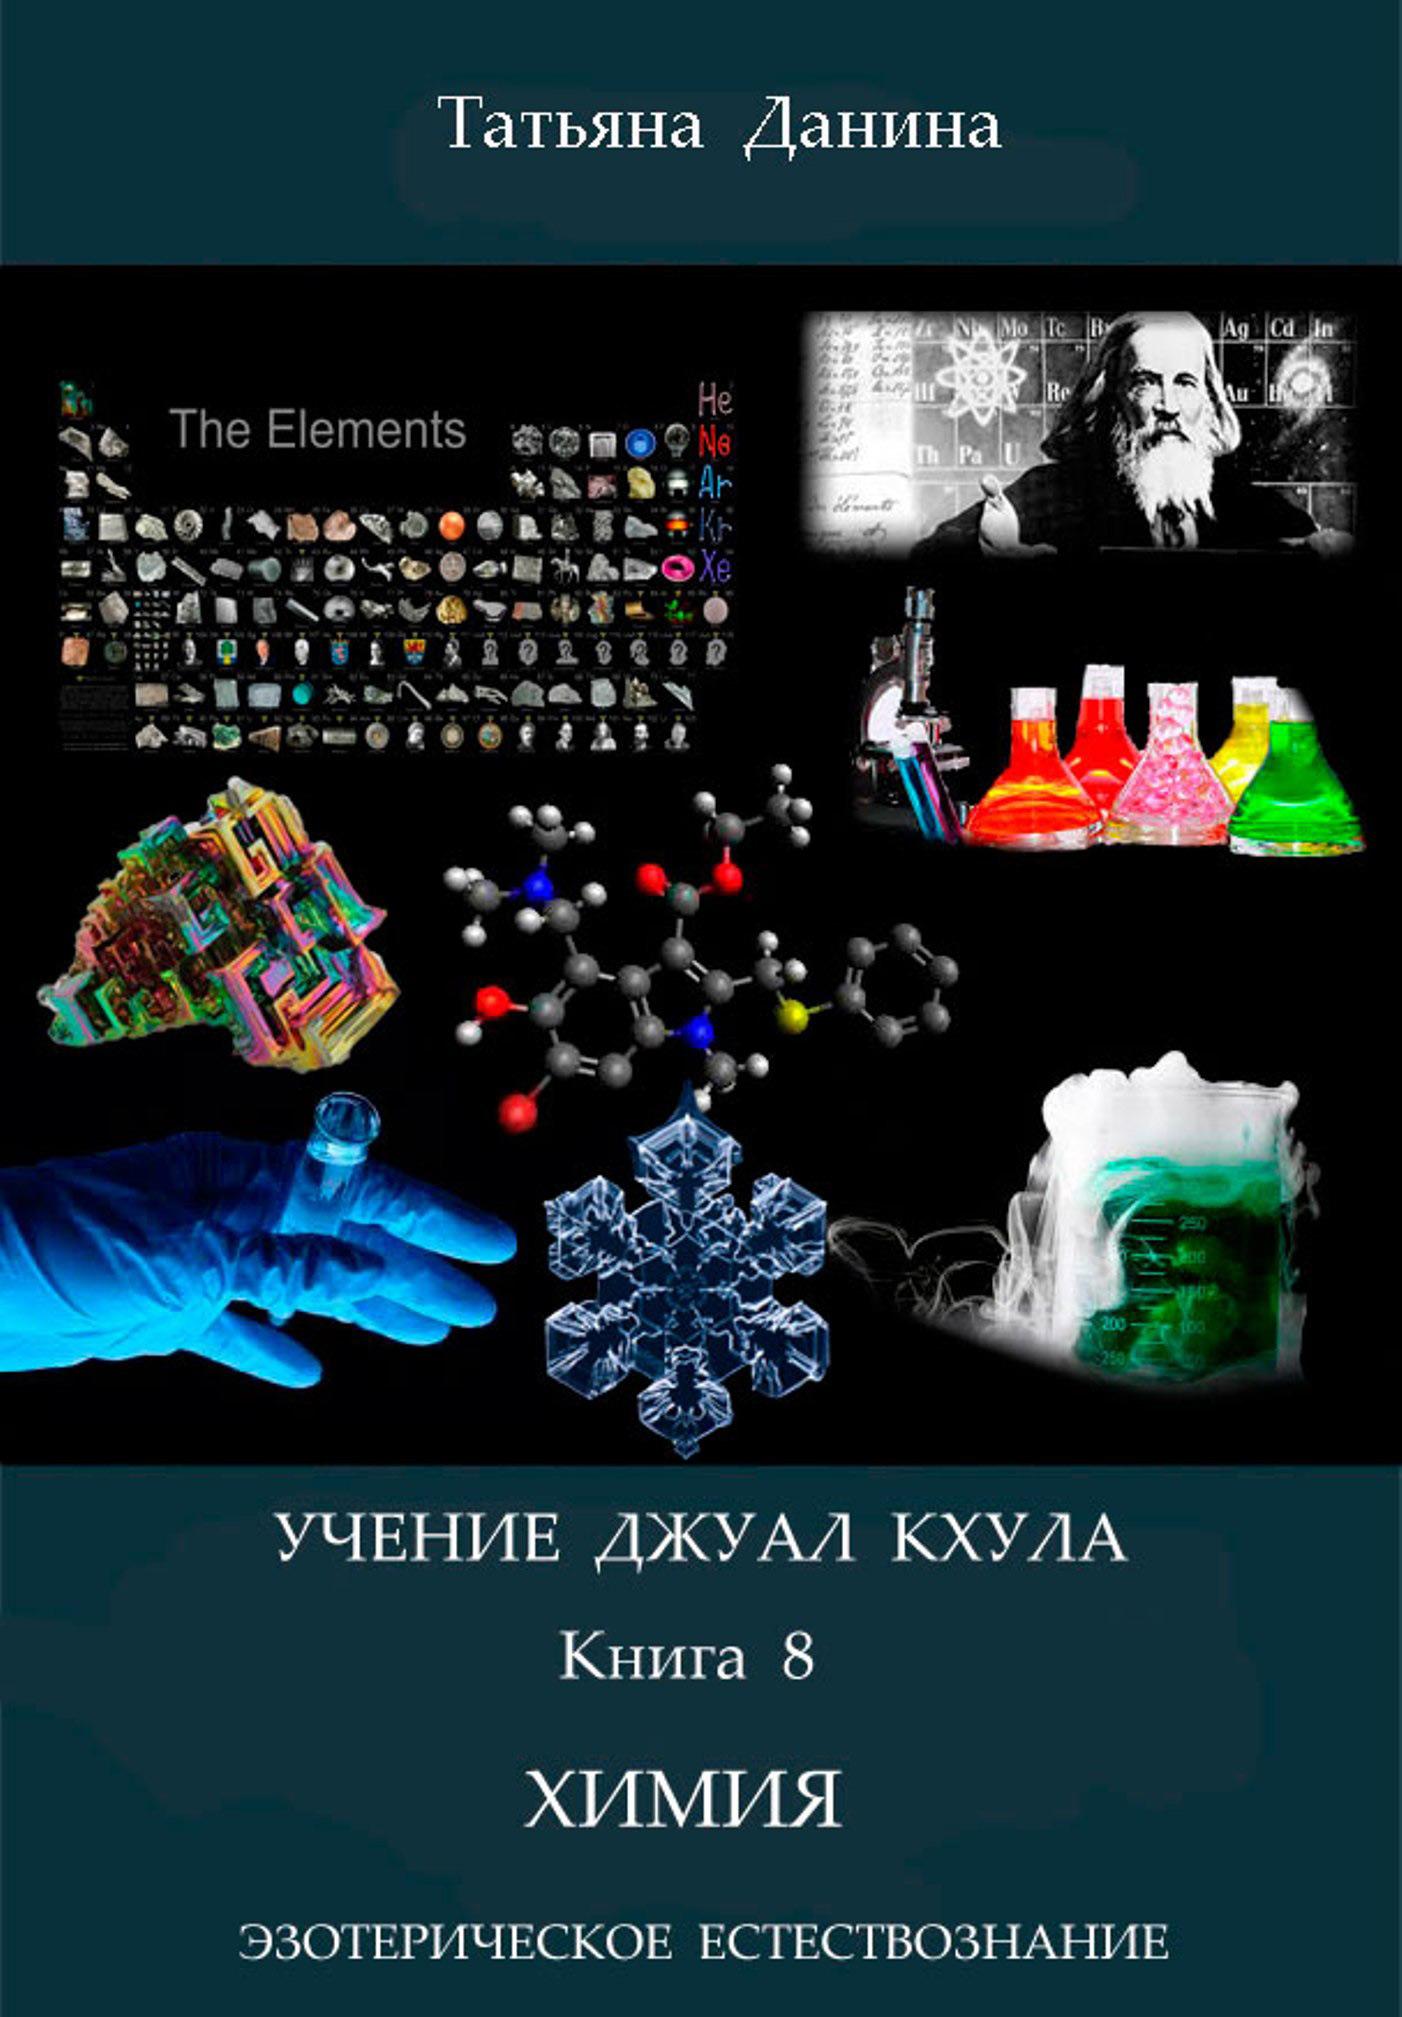 Татьяна Данина Химия татьяна данина бог пространство мыслящая субстанция учение джуал кхула